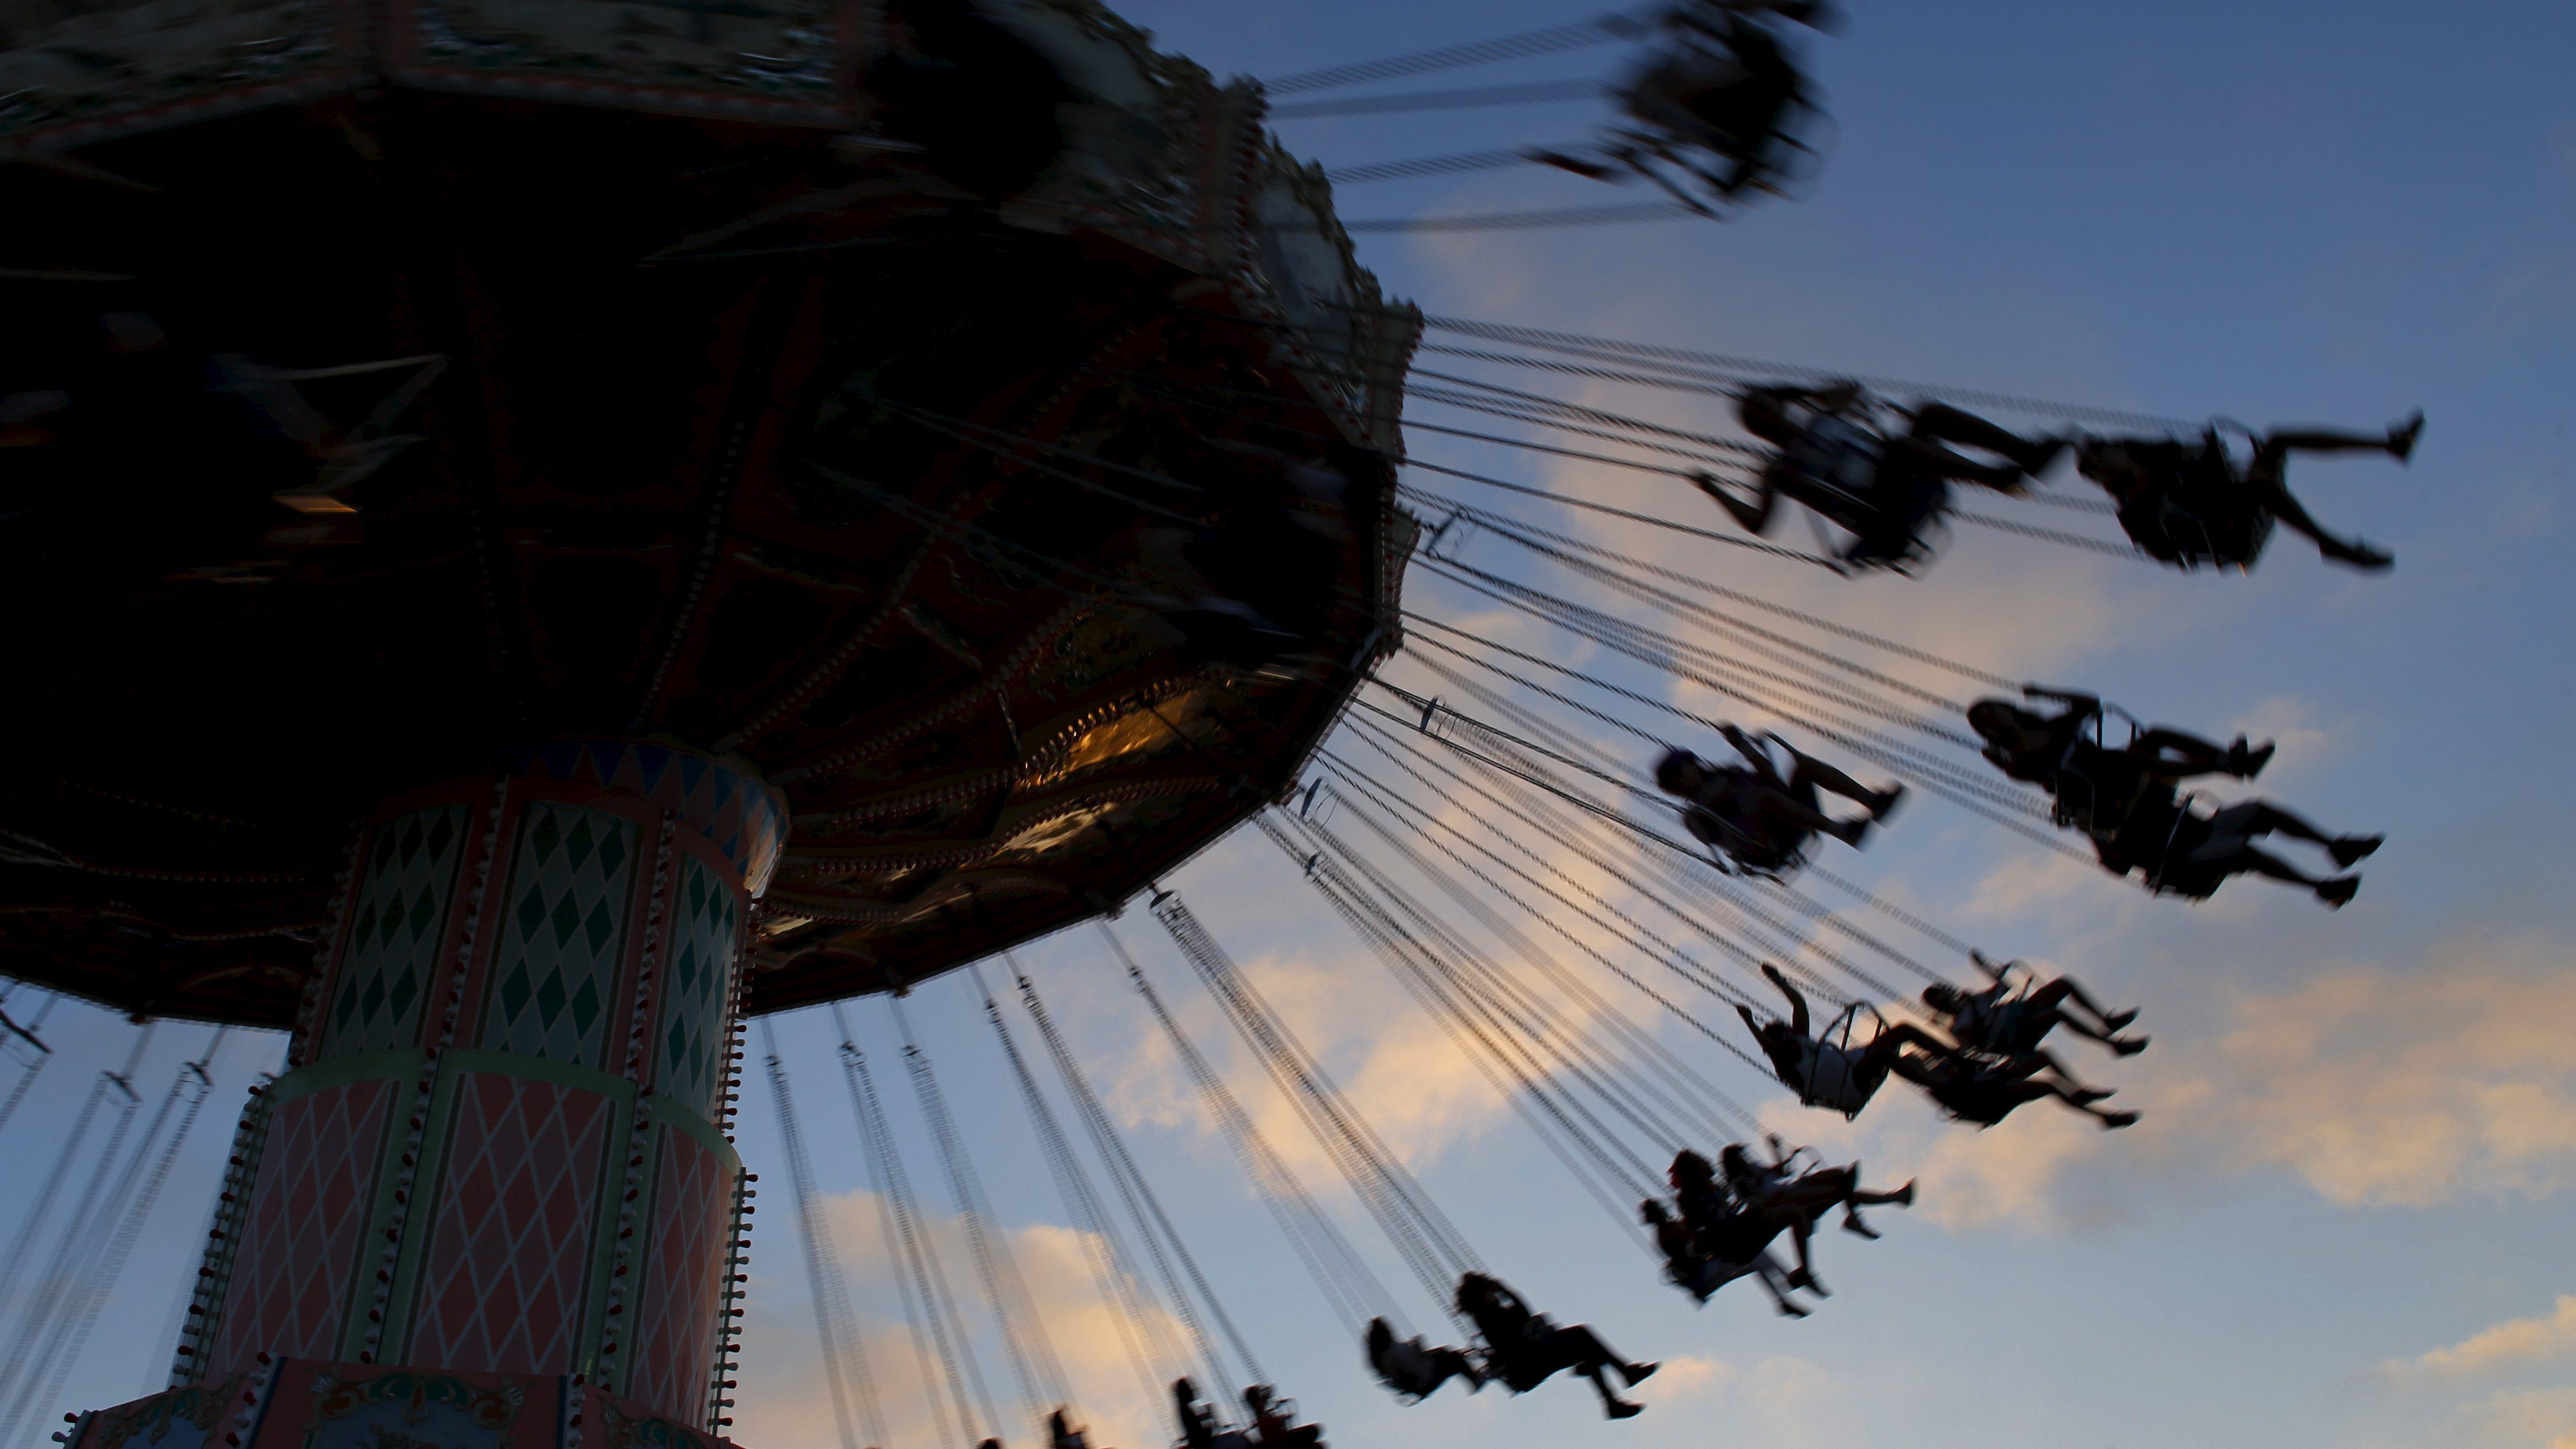 Fair-goers enjoy a ride as the sun sets at the annual San Diego County Fair in Del Mar, California